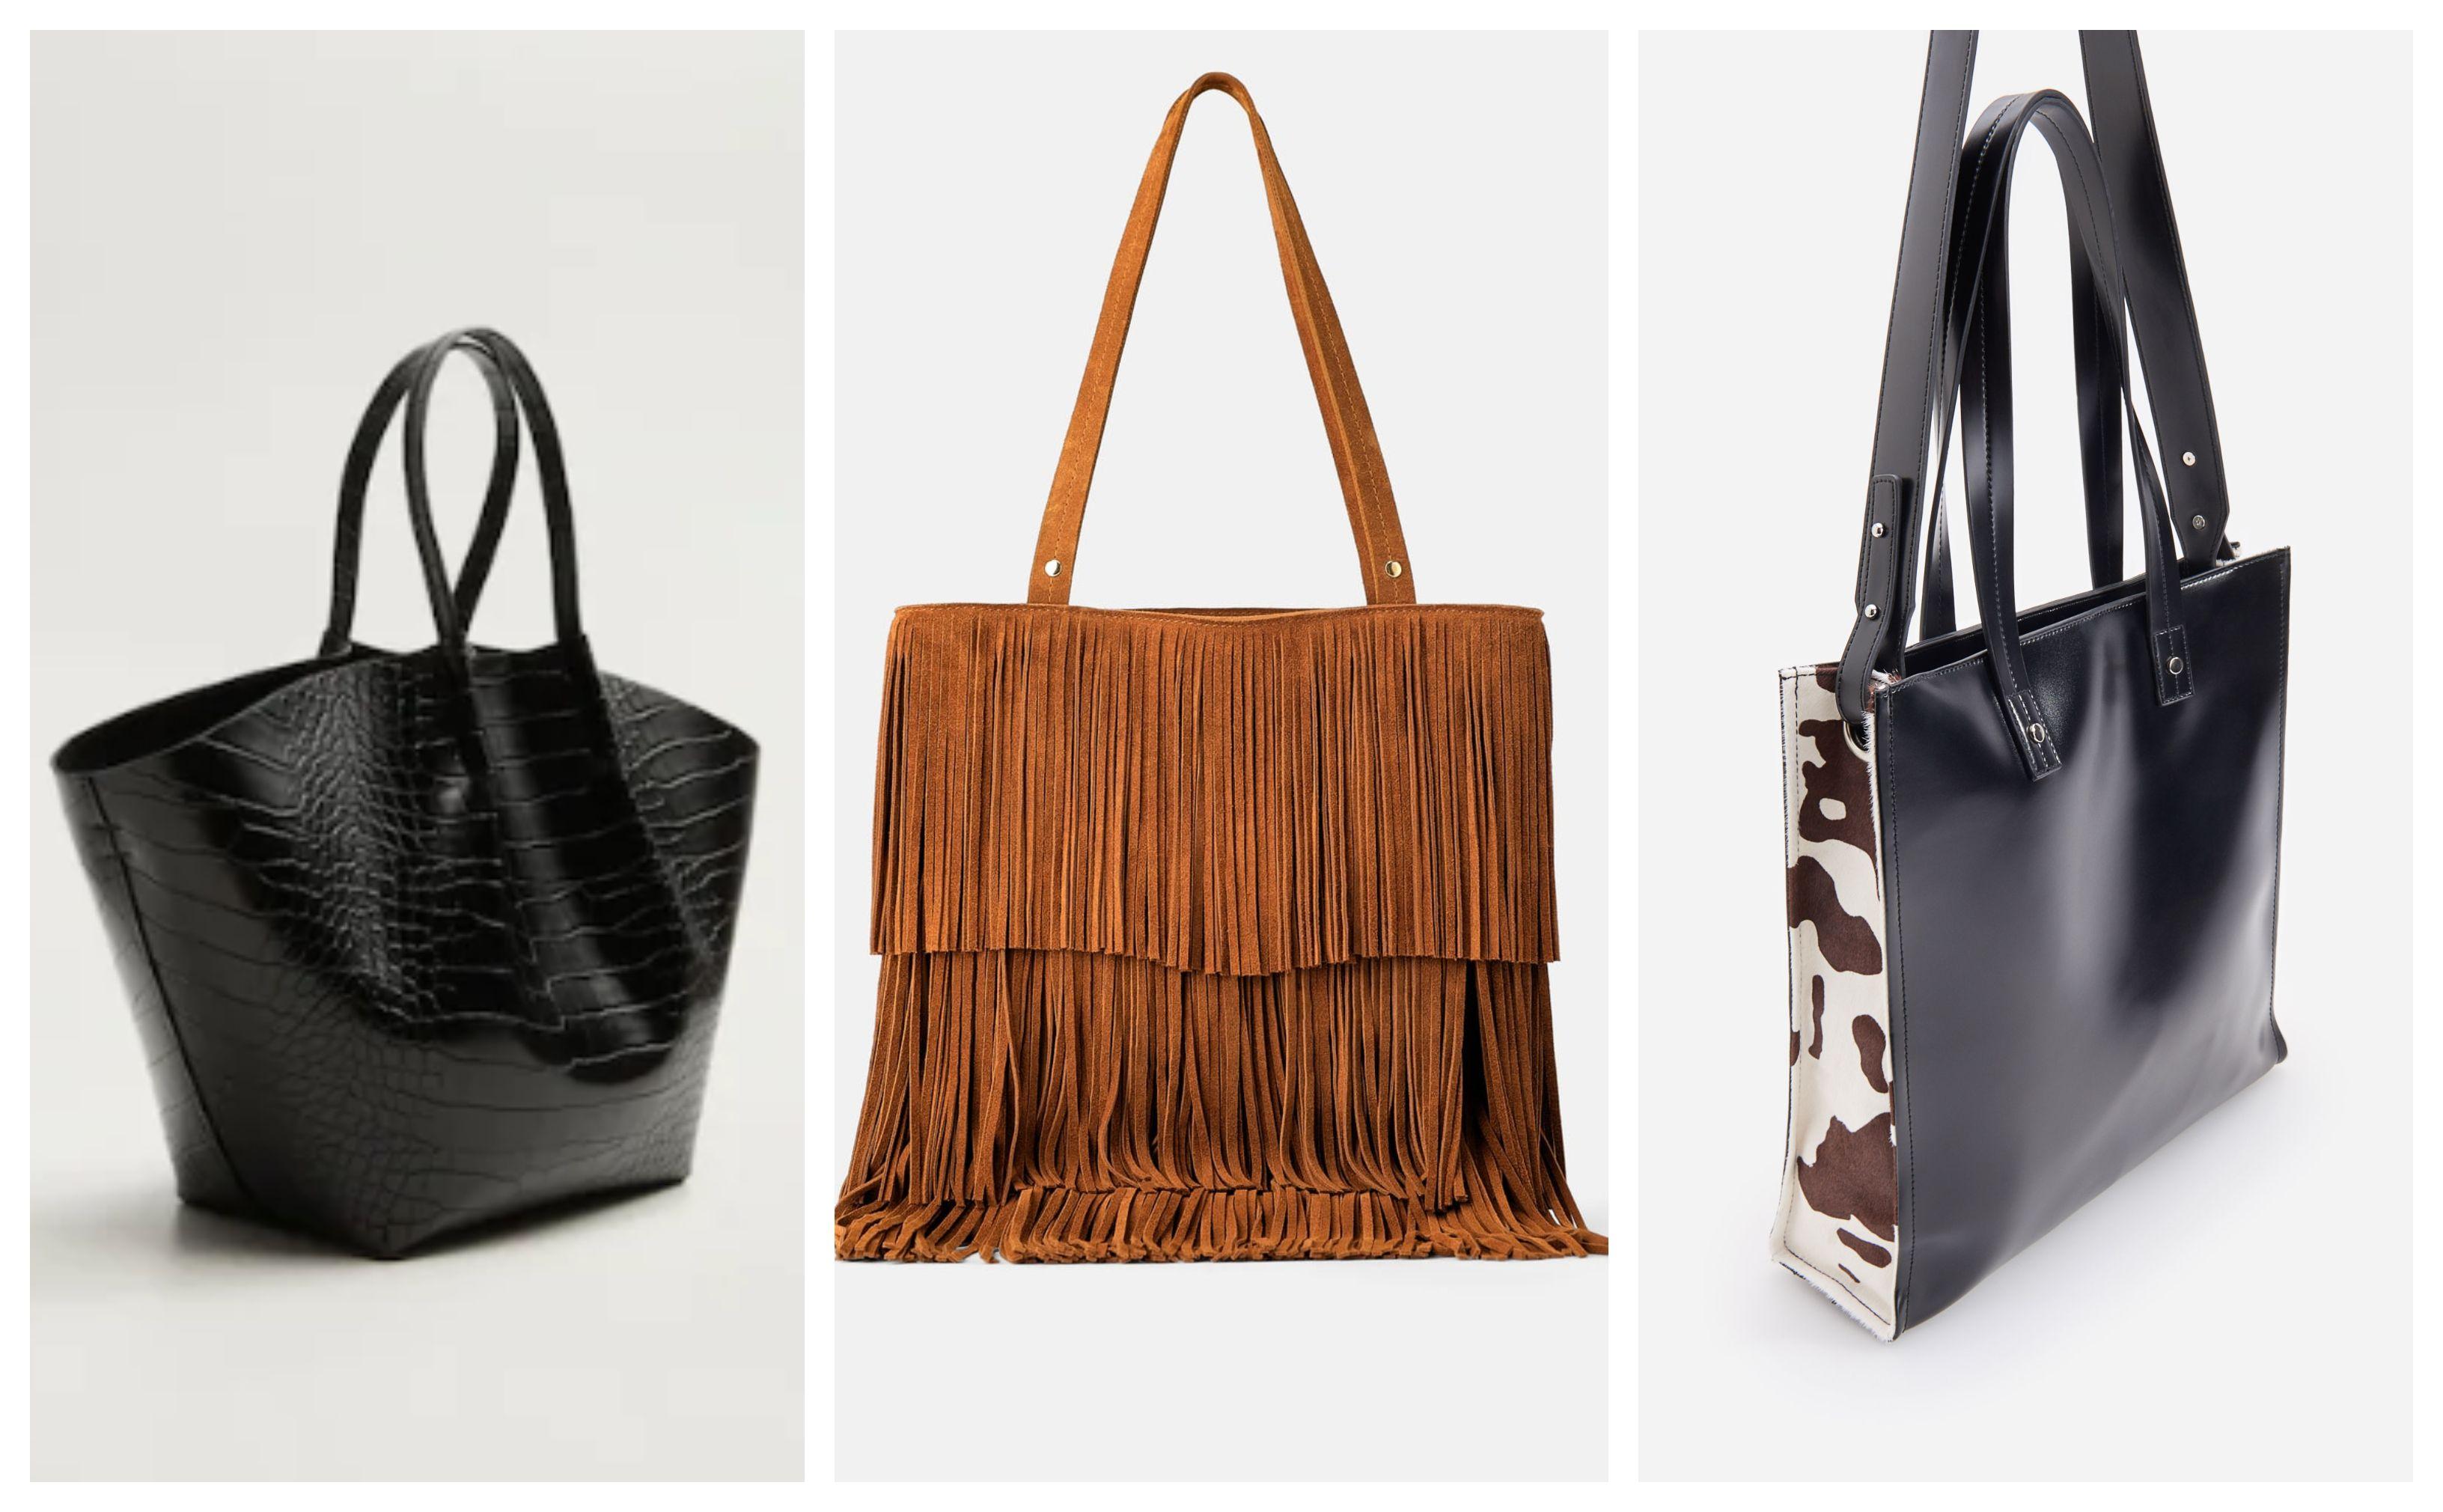 Povratak ovih praktičnih ljepotica razveselit će mnoge! Donosimo vam najljepših 15 velikih torbi iz ponude